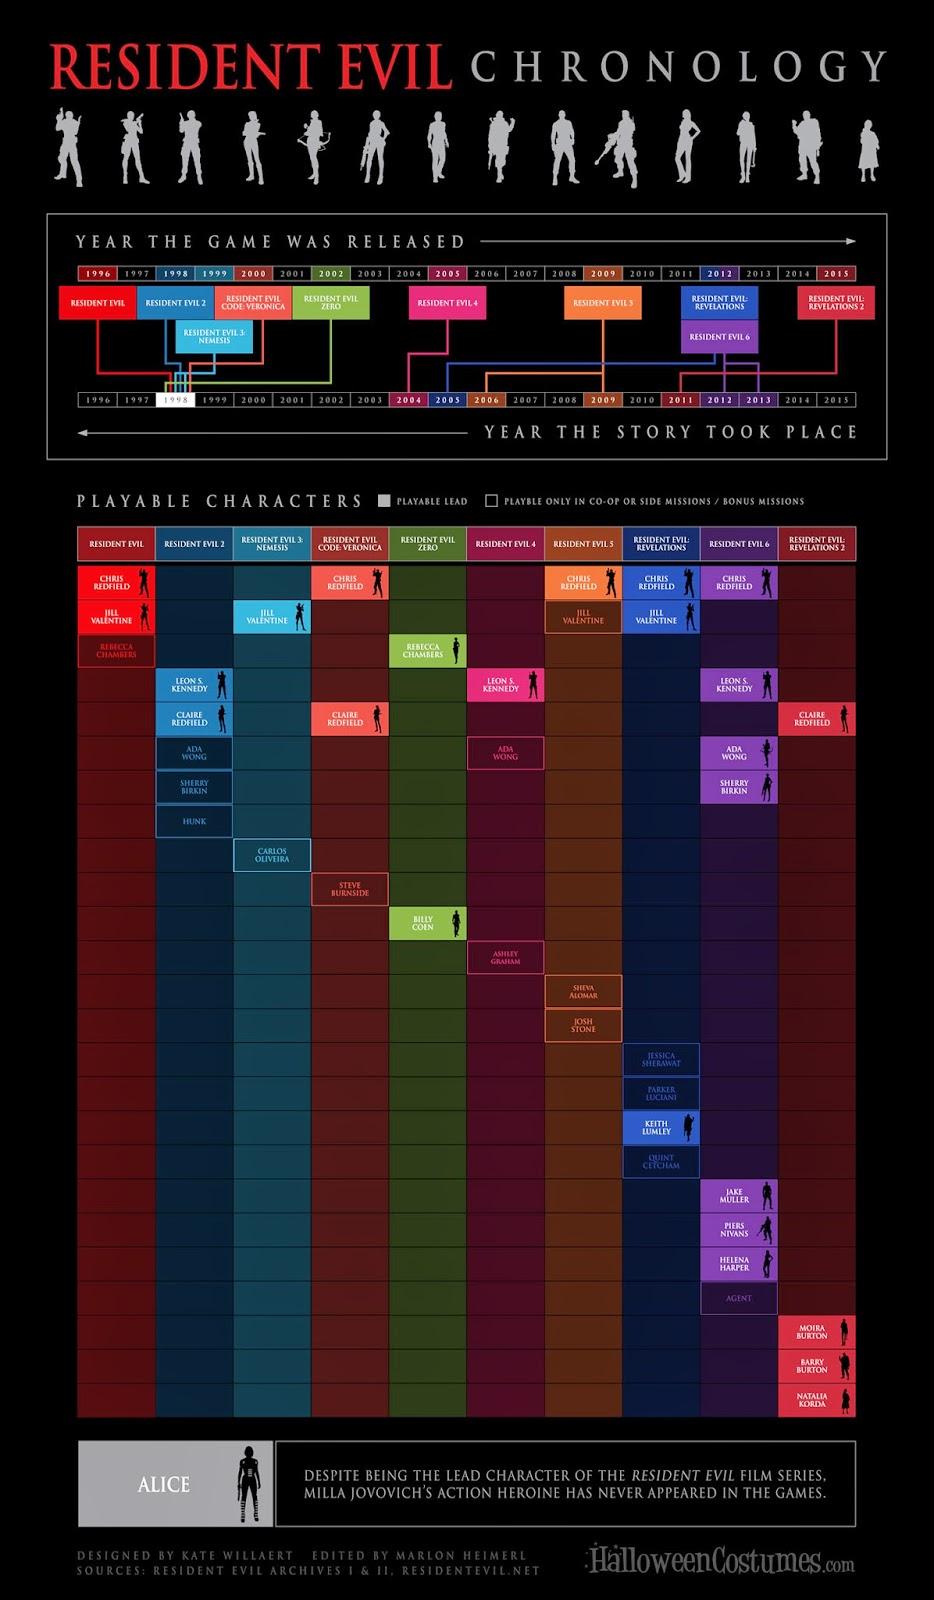 Resident Evil Chronology